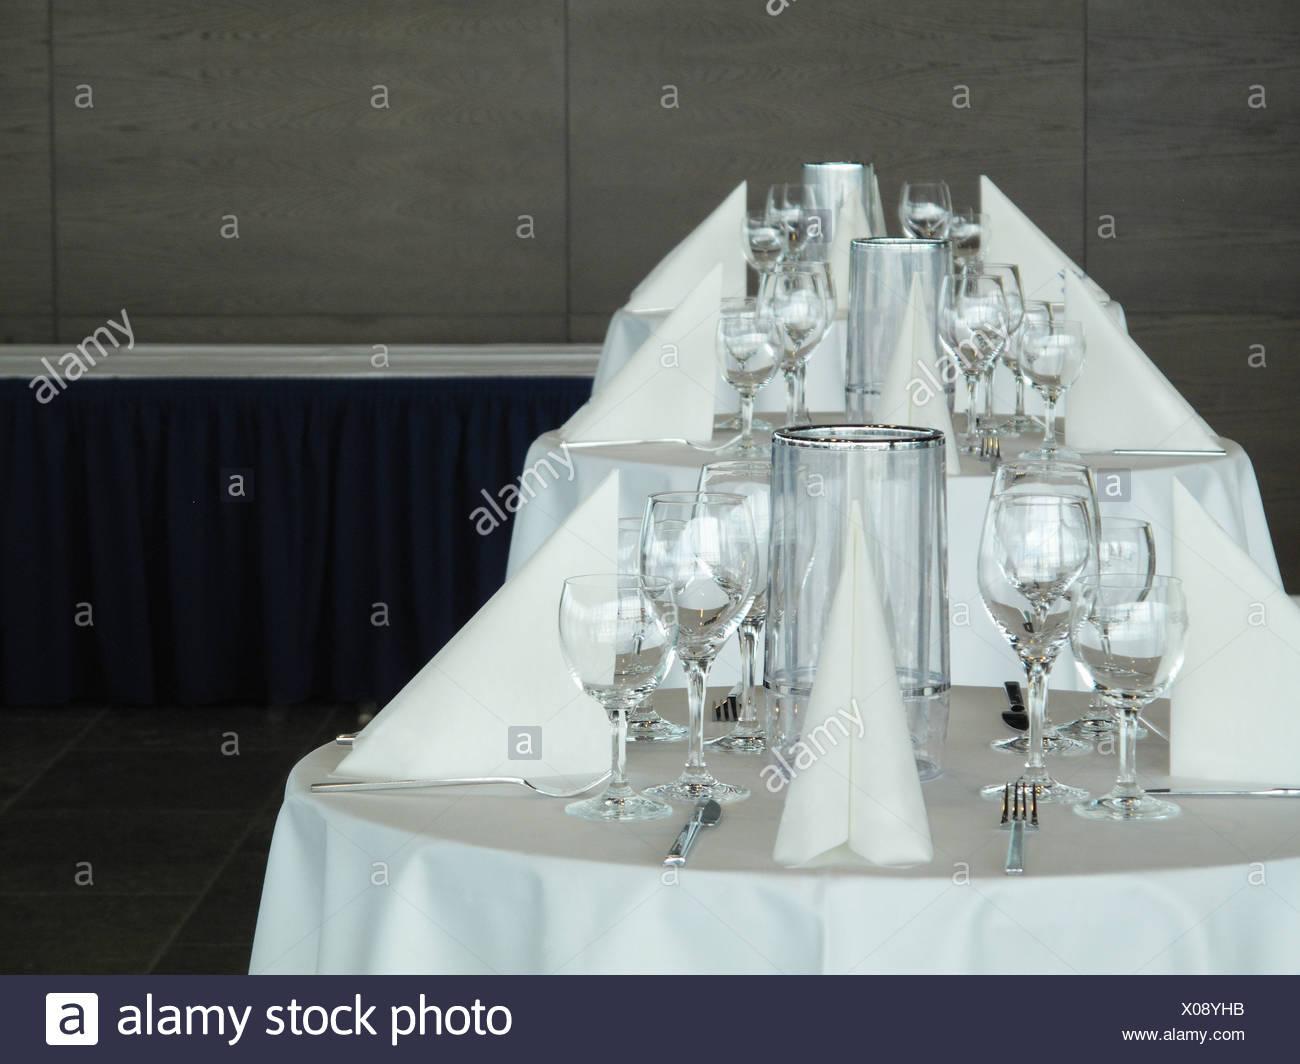 Gedecke auf Bankett-Tischen Stockbild